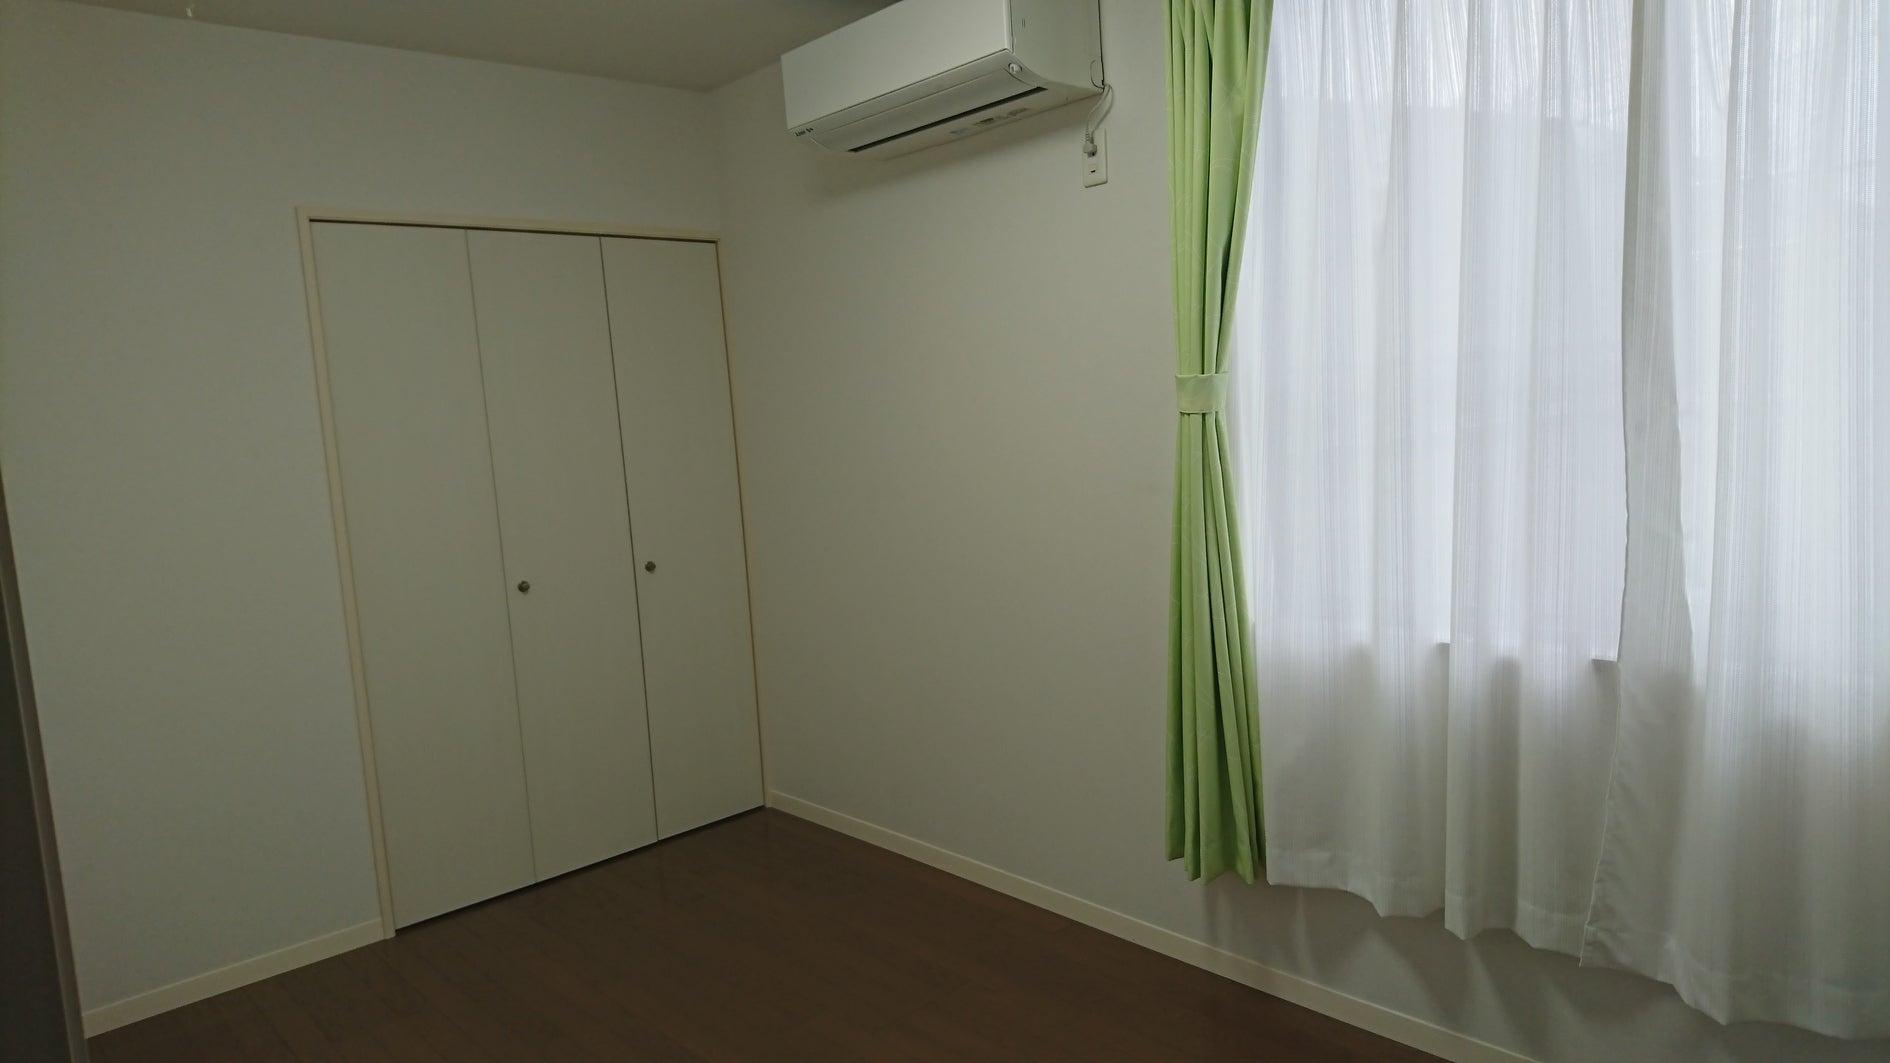 エアコン付き空き部屋(洋室)/演奏の個人練習、合唱、作業スペースなどに! の写真